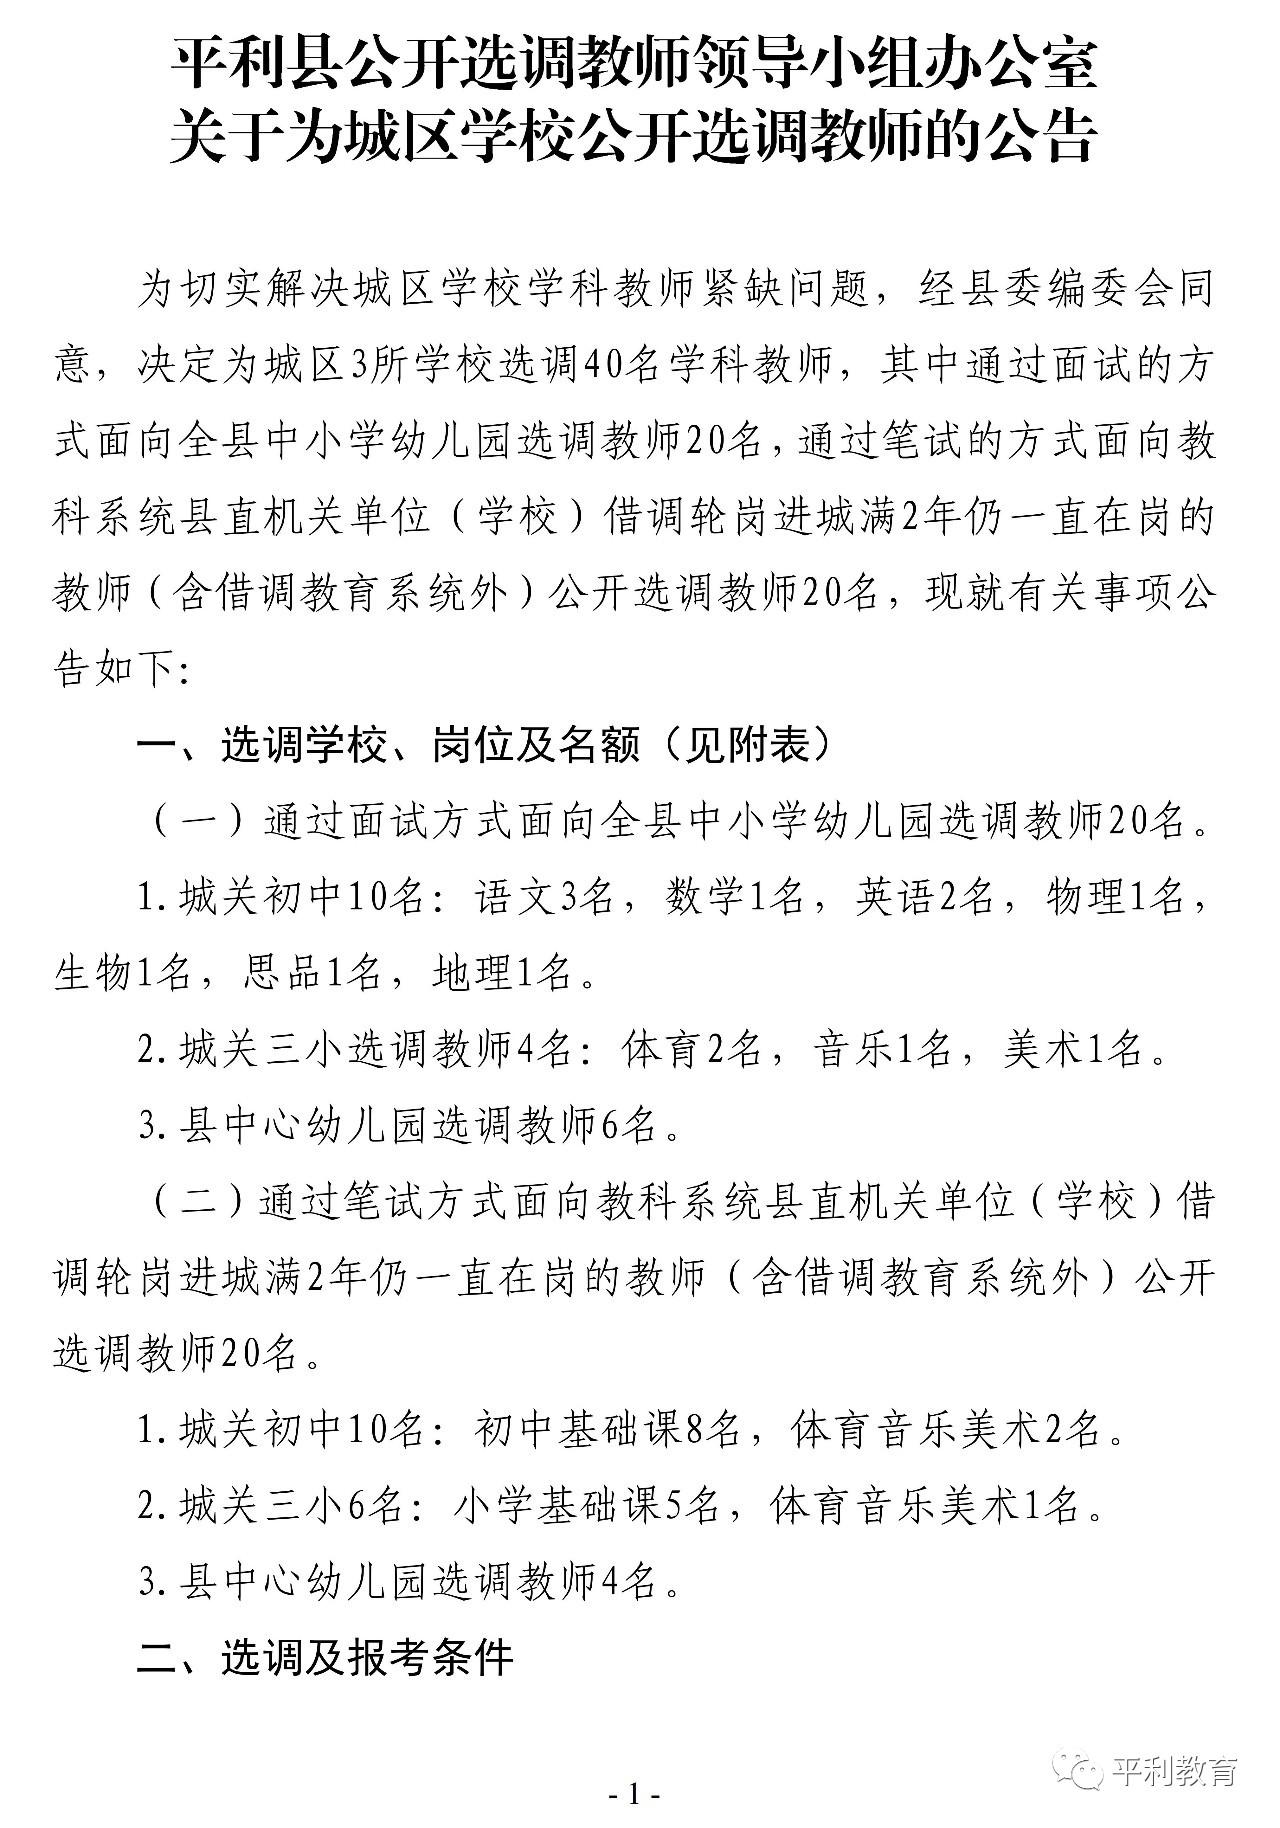 2019安康平利县城区学校选调教师40人公告